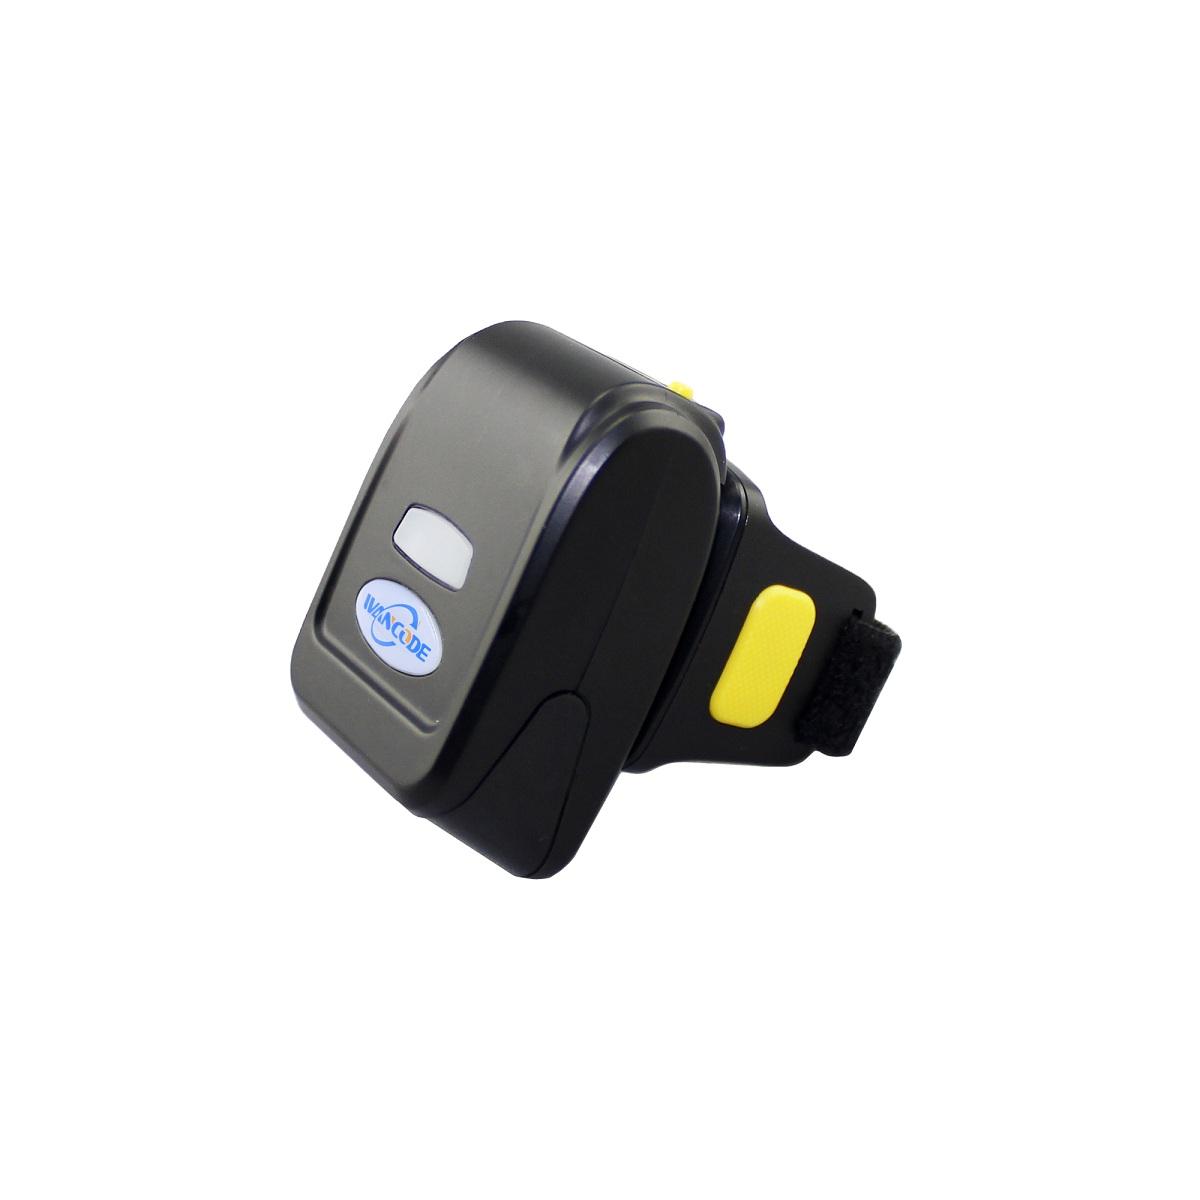 萬酷R30-1D便攜式一維條碼掃描器【高配版】